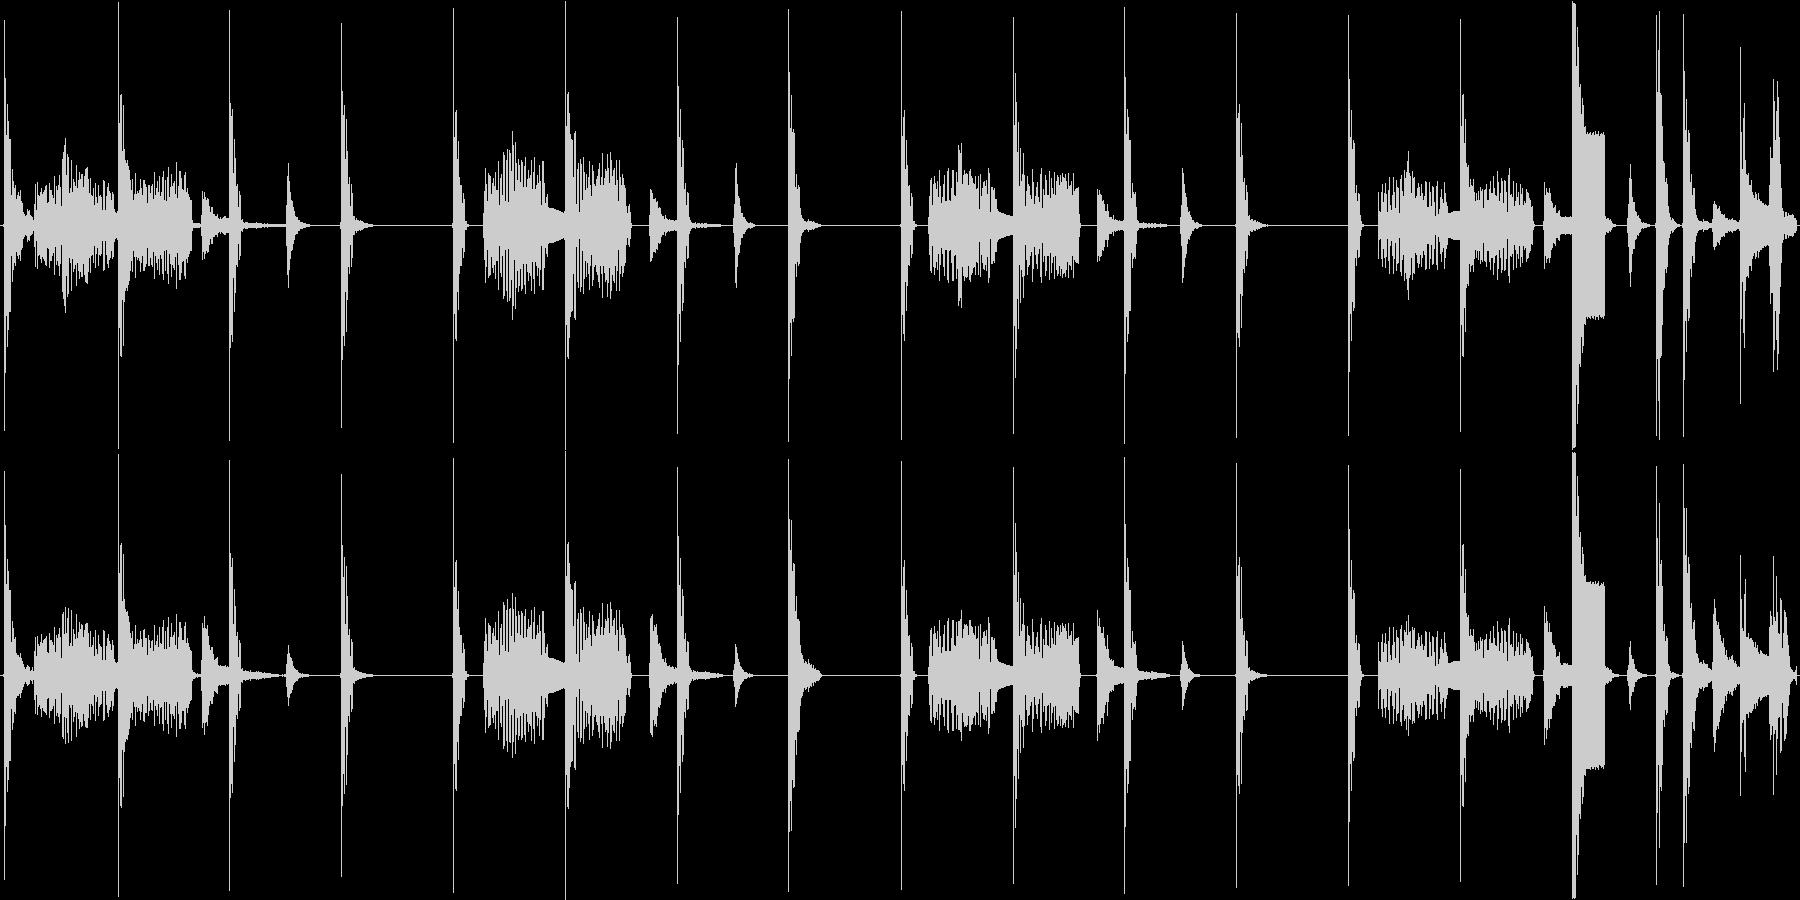 かわいらしい電子音で構成されたループ楽曲の未再生の波形